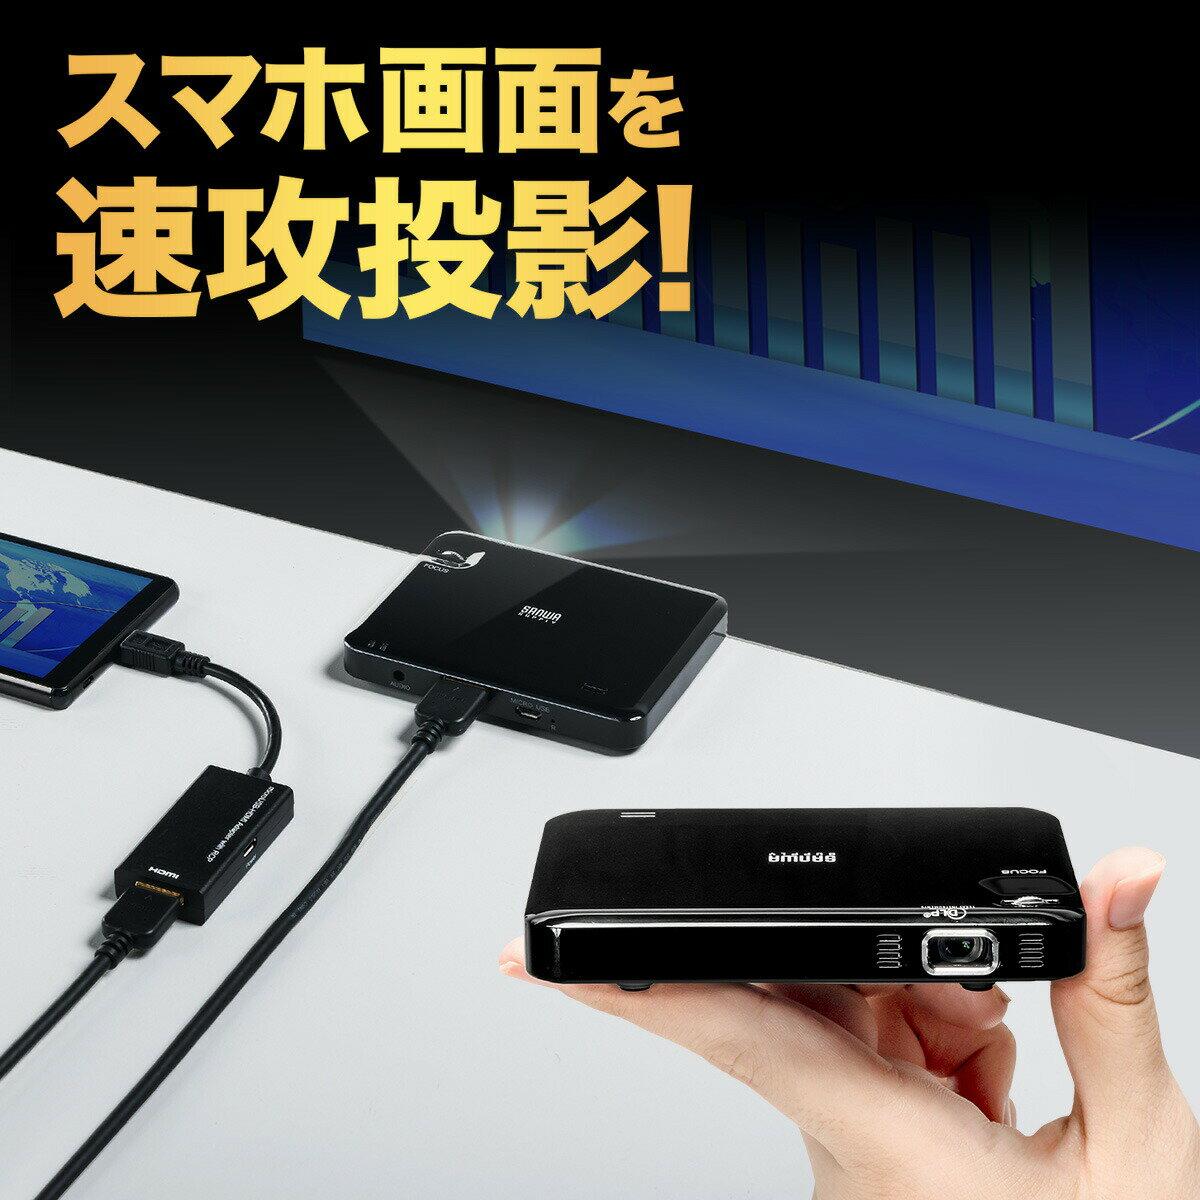 【12月13日値下げしました】モバイルプロジェクター 小型 軽量 30ルーメン HDMI バッテリー内蔵 スピーカー内蔵 手のひらサイズ ファンレス 三脚対応 [400-PRJ023]【サンワダイレクト限定品】【送料無料】